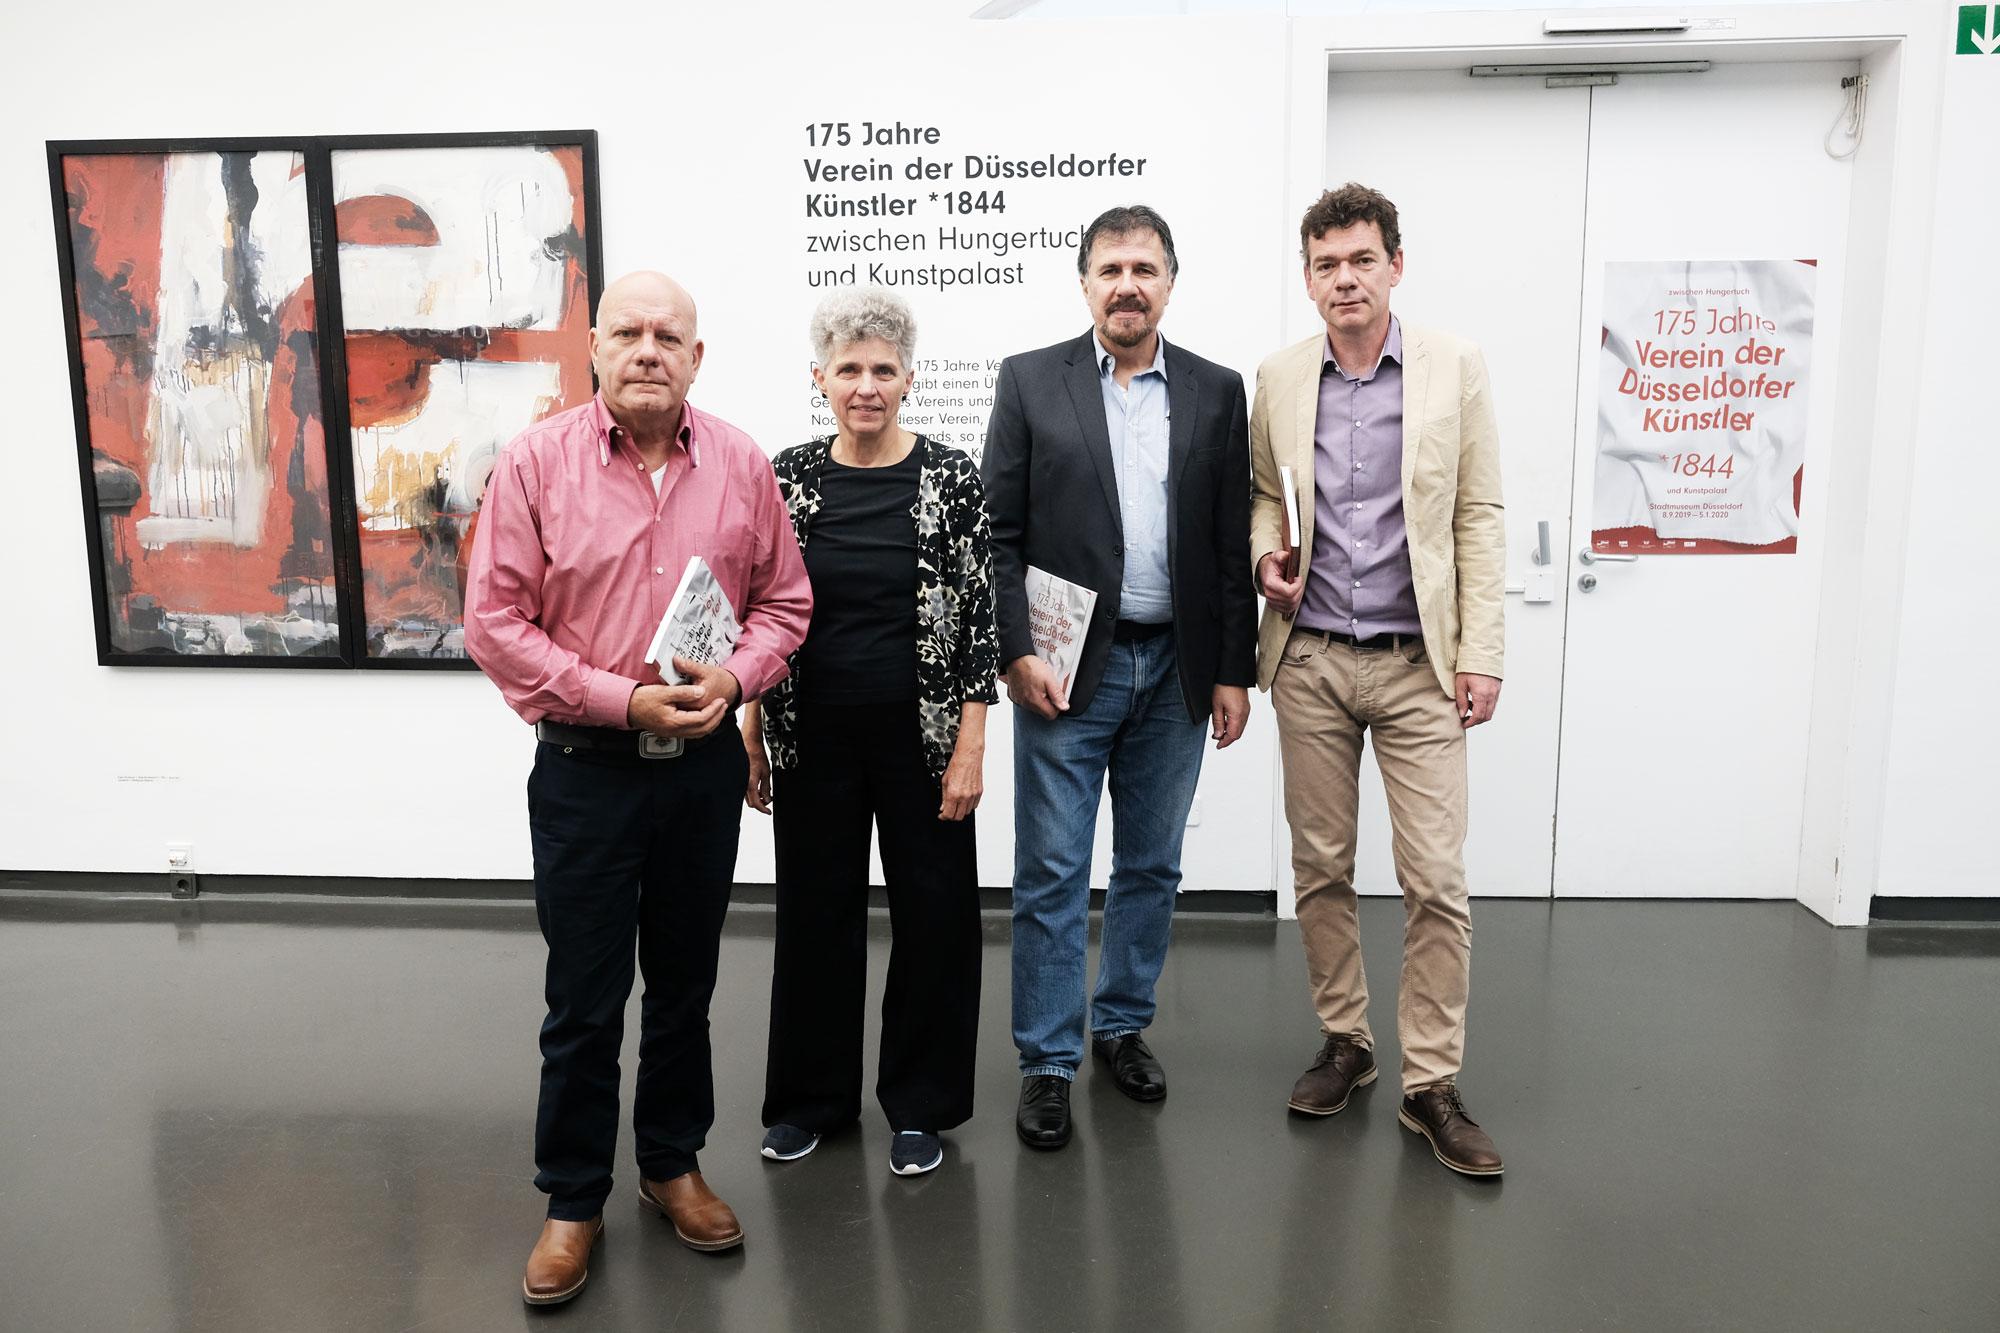 Präsentierten die Ausstellung: (v. l.) Michael Kortländer, Edith Oellers und Thomas Graics vom Verein der Düsseldorfer Künstler sowie Bernd Kreuter vom Stadtmuseum (Foto: Stadt Düsseldorf/Michael Gstettenbauer)